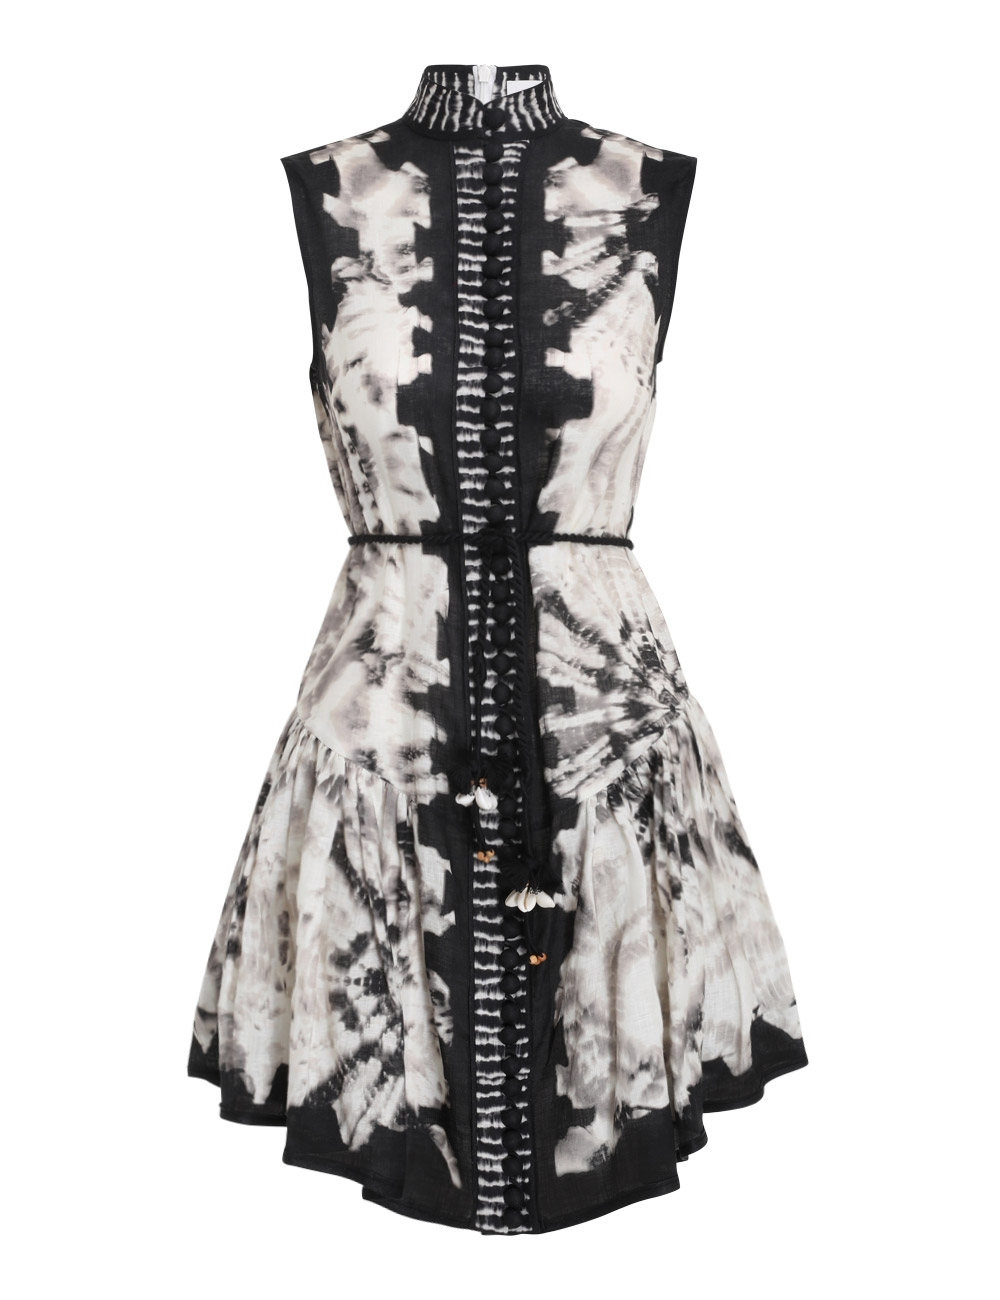 Lulu Drop Waist Short Dress